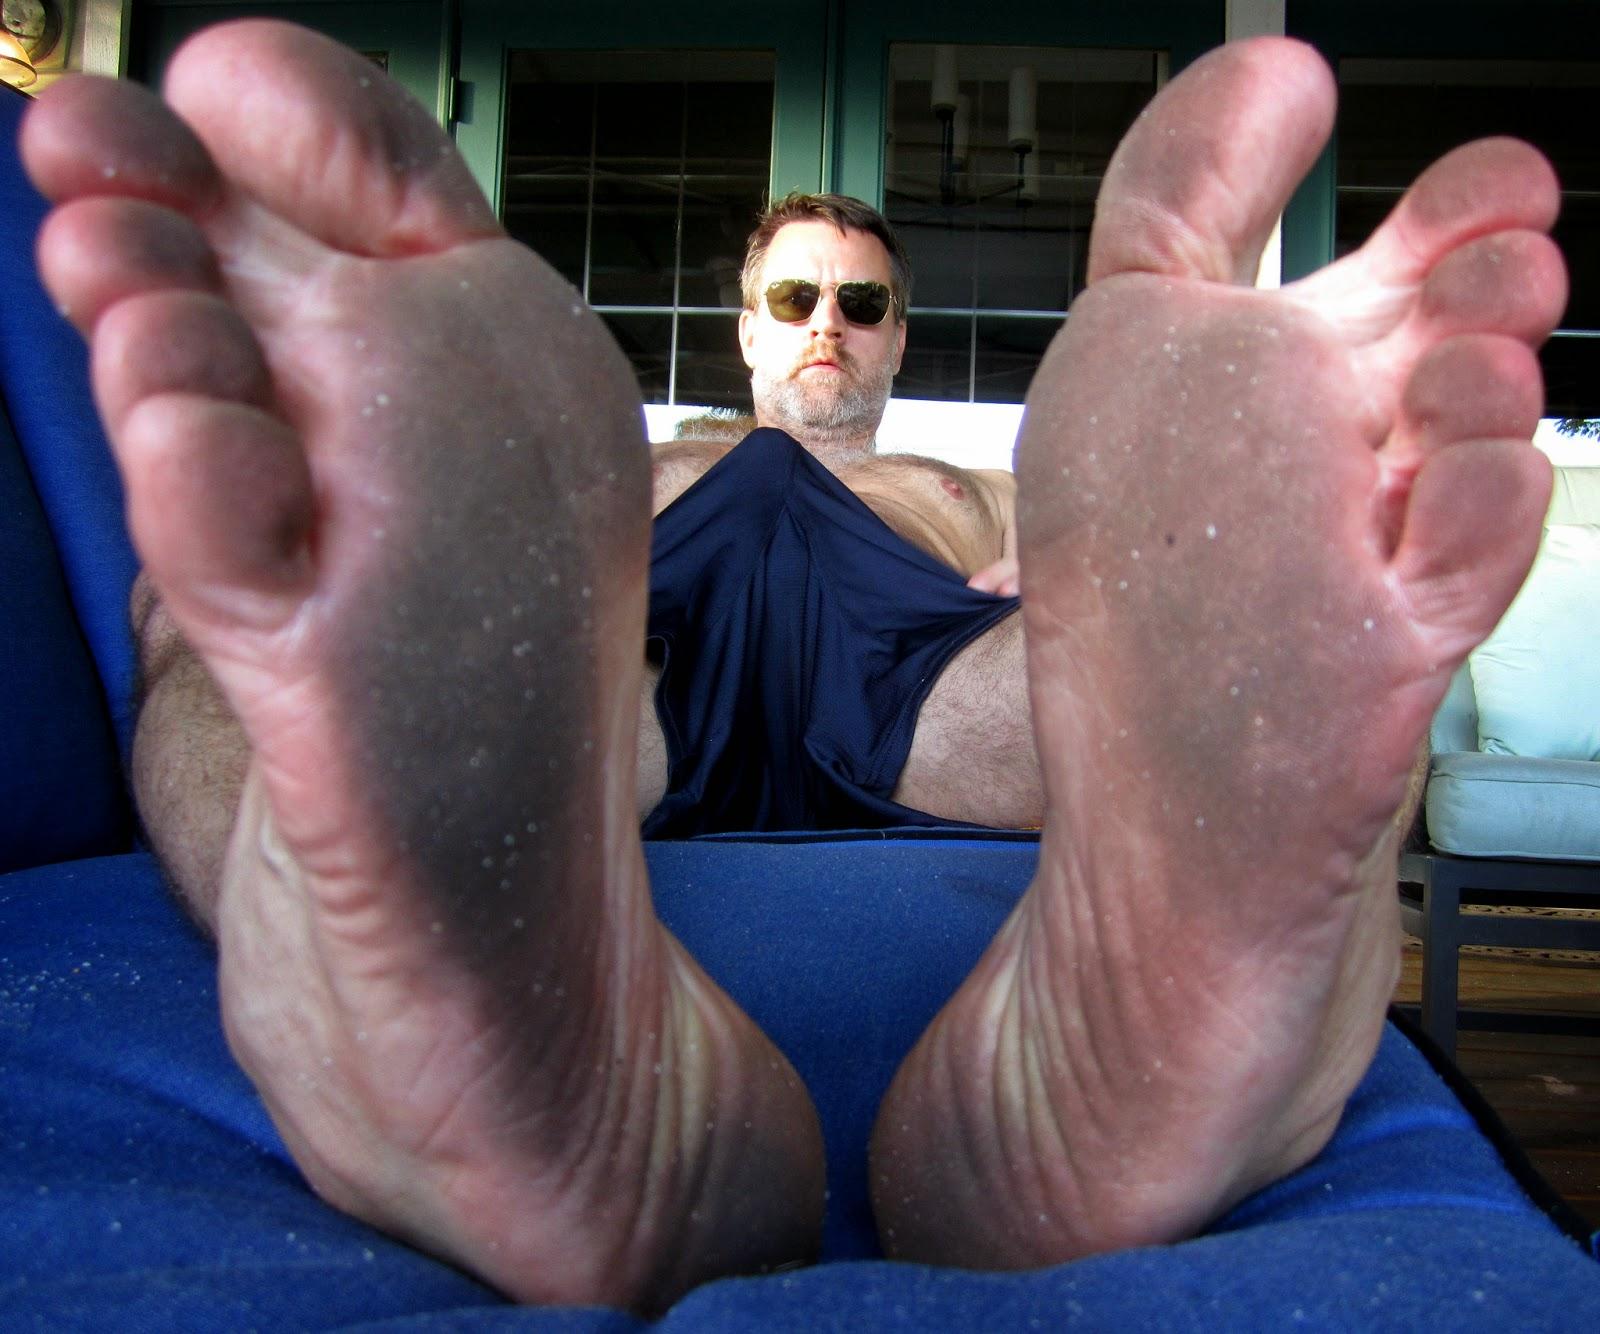 Mature men feet